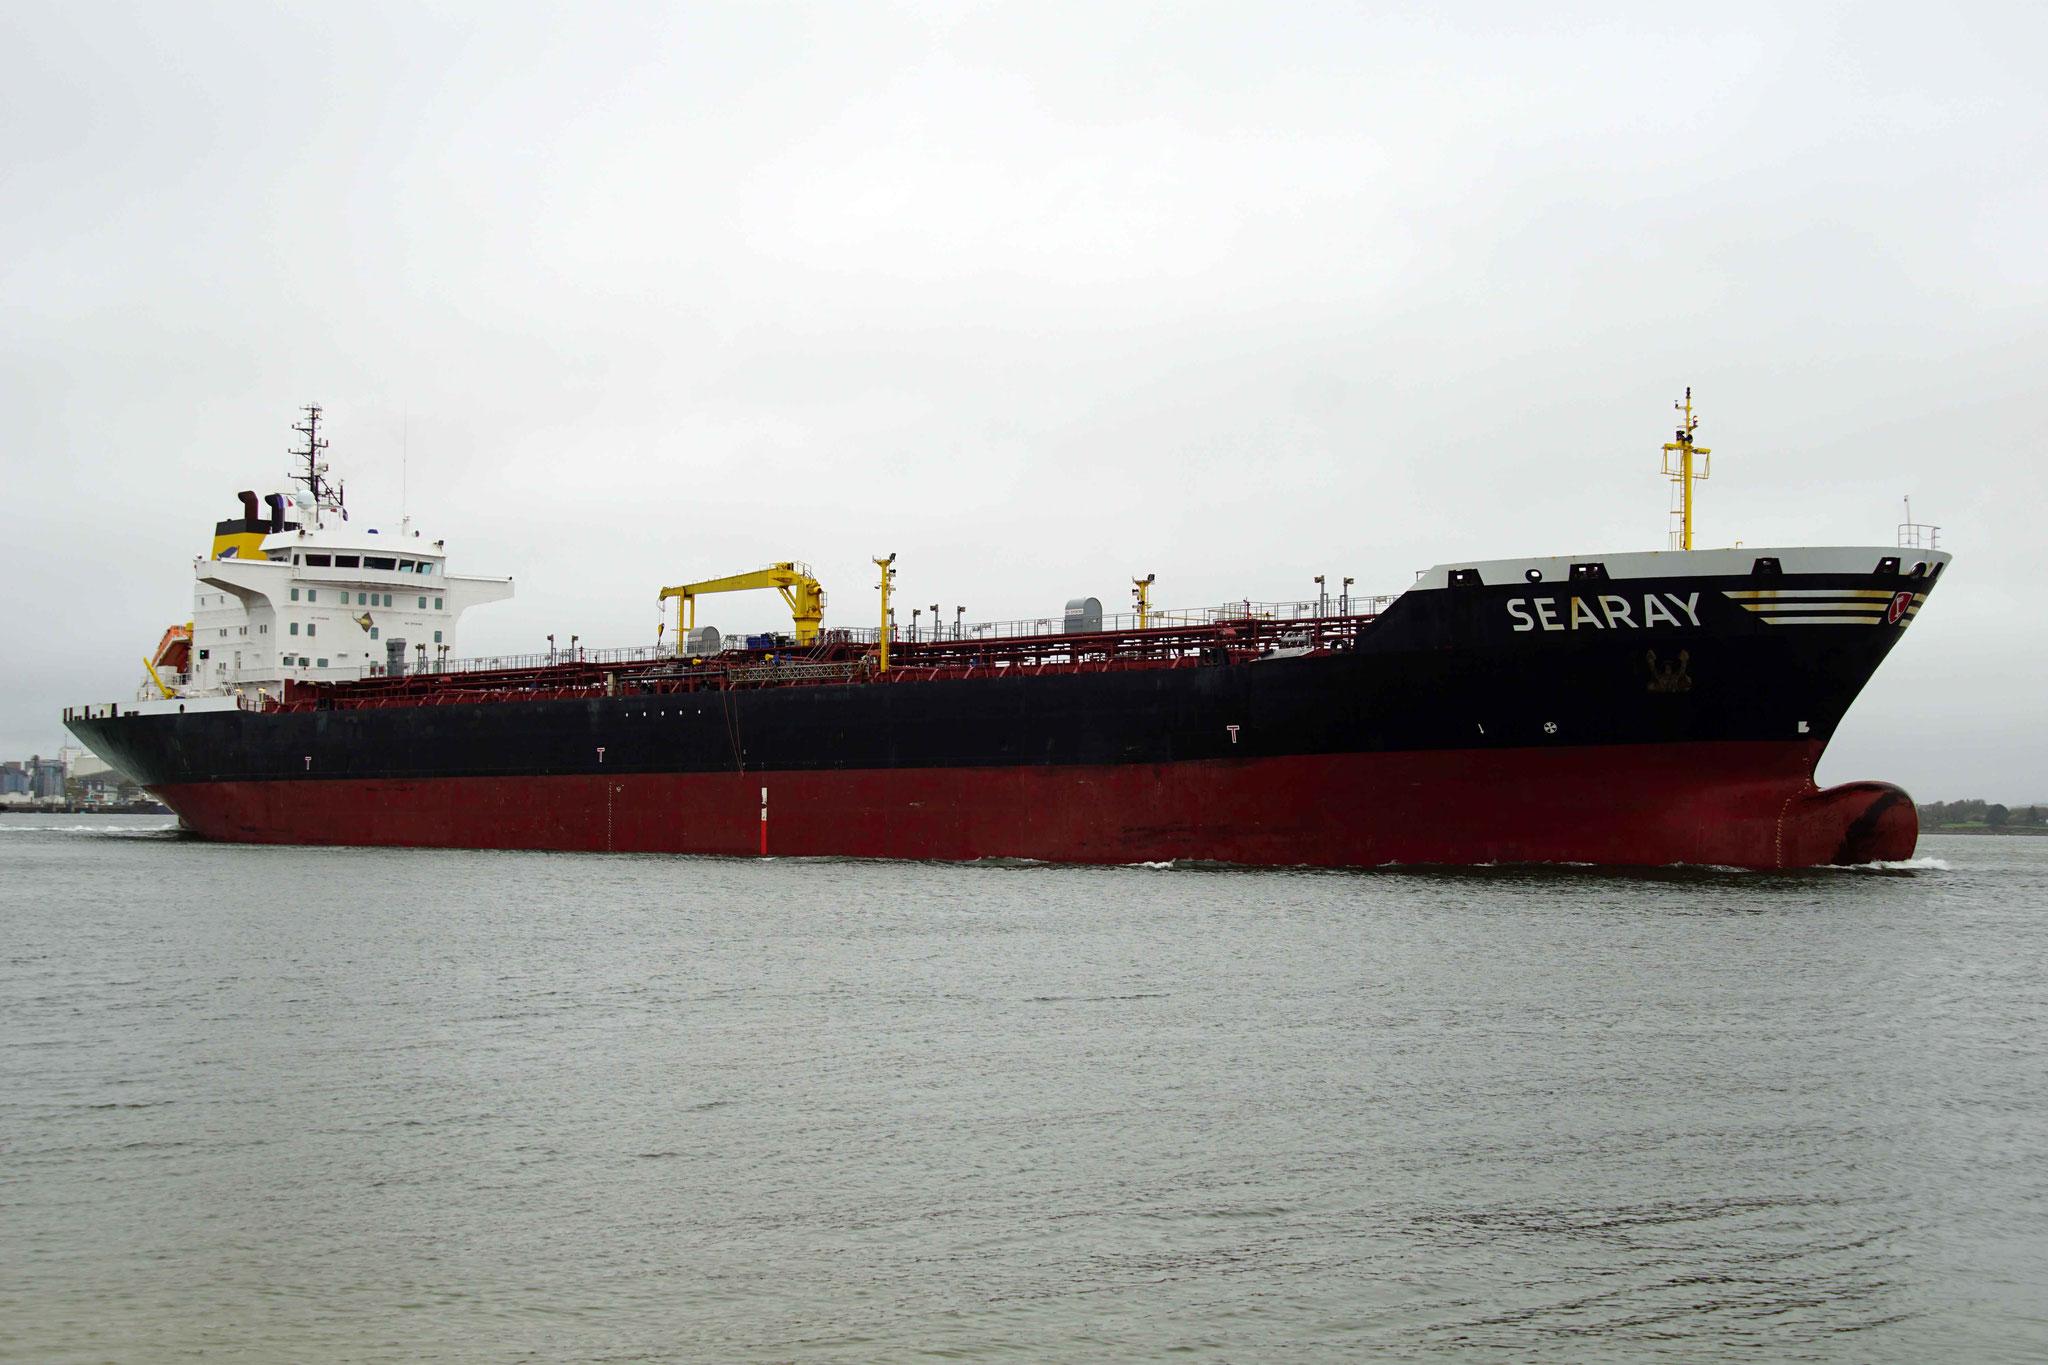 Searay, DSC07244